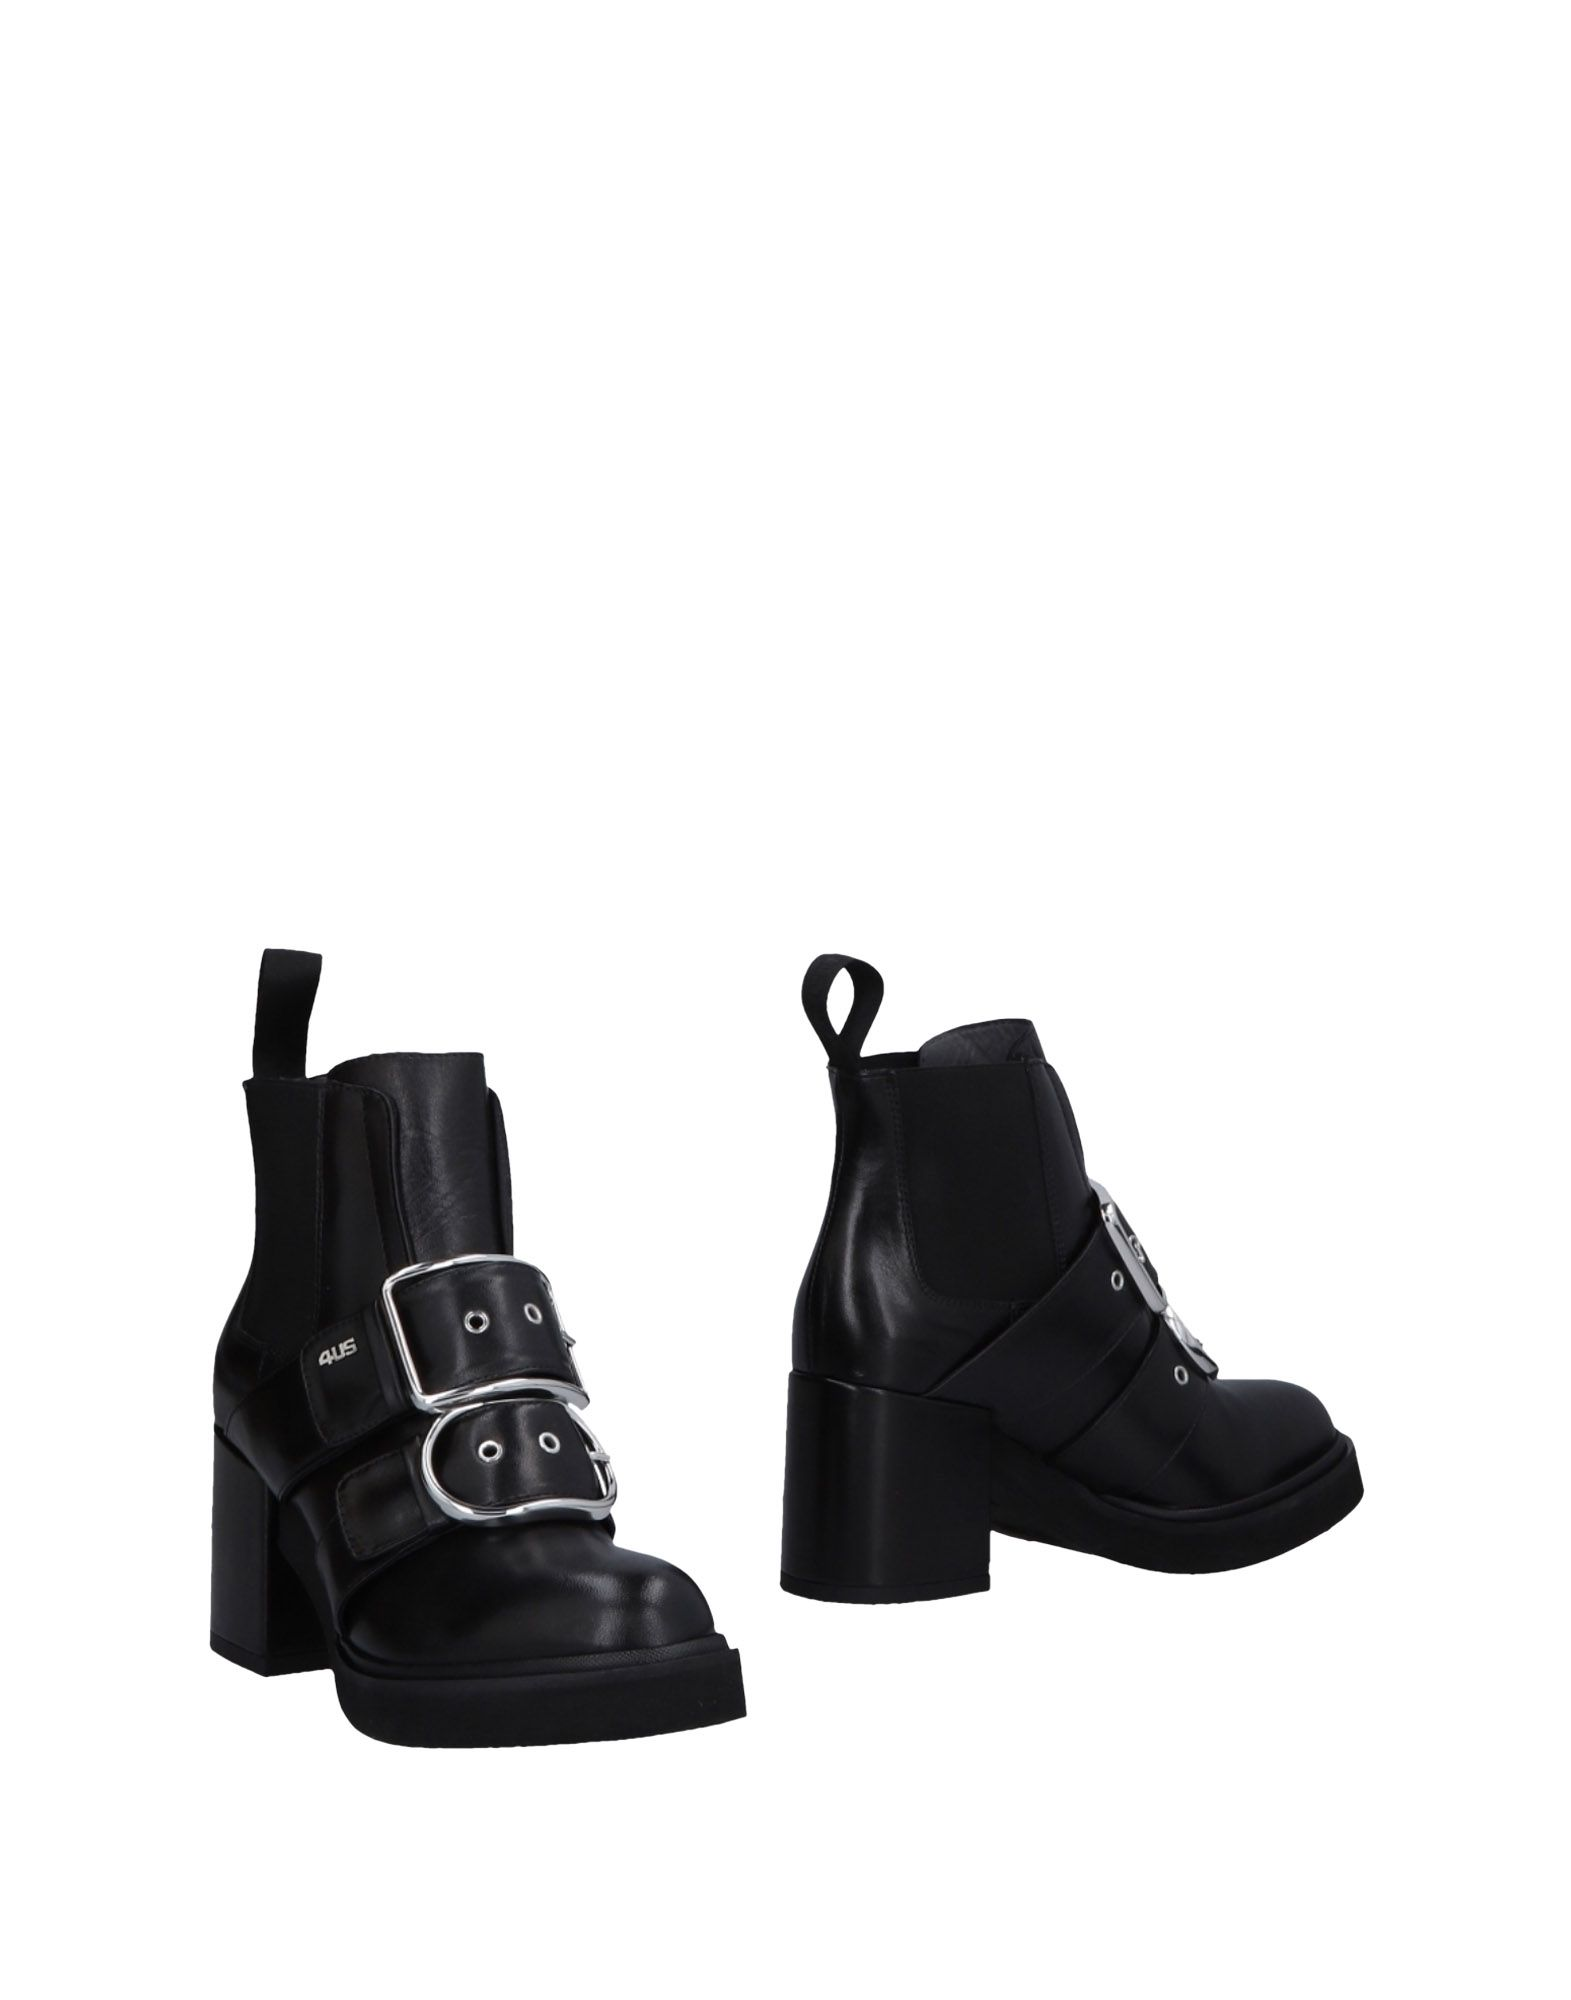 Cesare Paciotti 4Us Ankle Boot - Women Cesare Paciotti 4Us Ankle Ankle 4Us Boots online on  United Kingdom - 11475255AK 7754a9